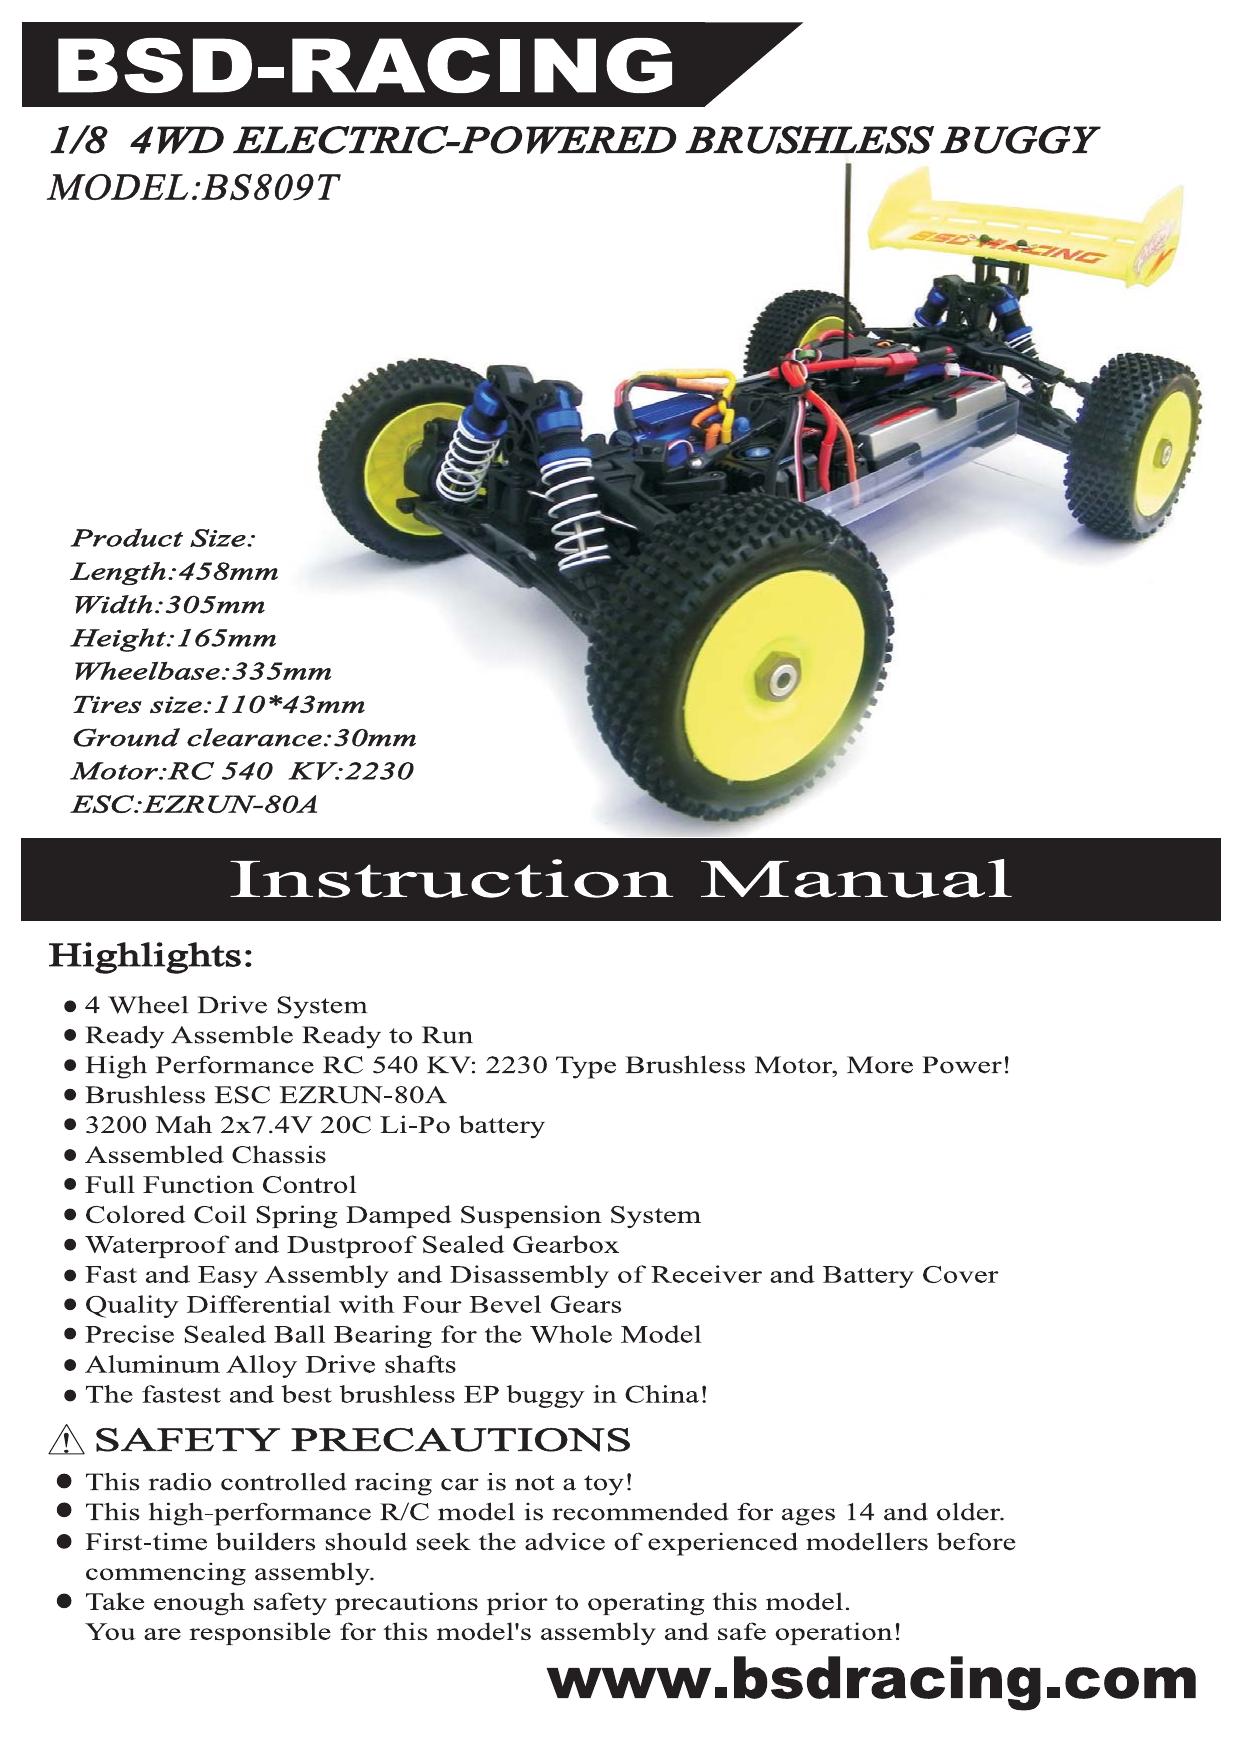 781417_BSD_1-8_BL_14,4V_Buggy_BS809T.pdf | Manualzz